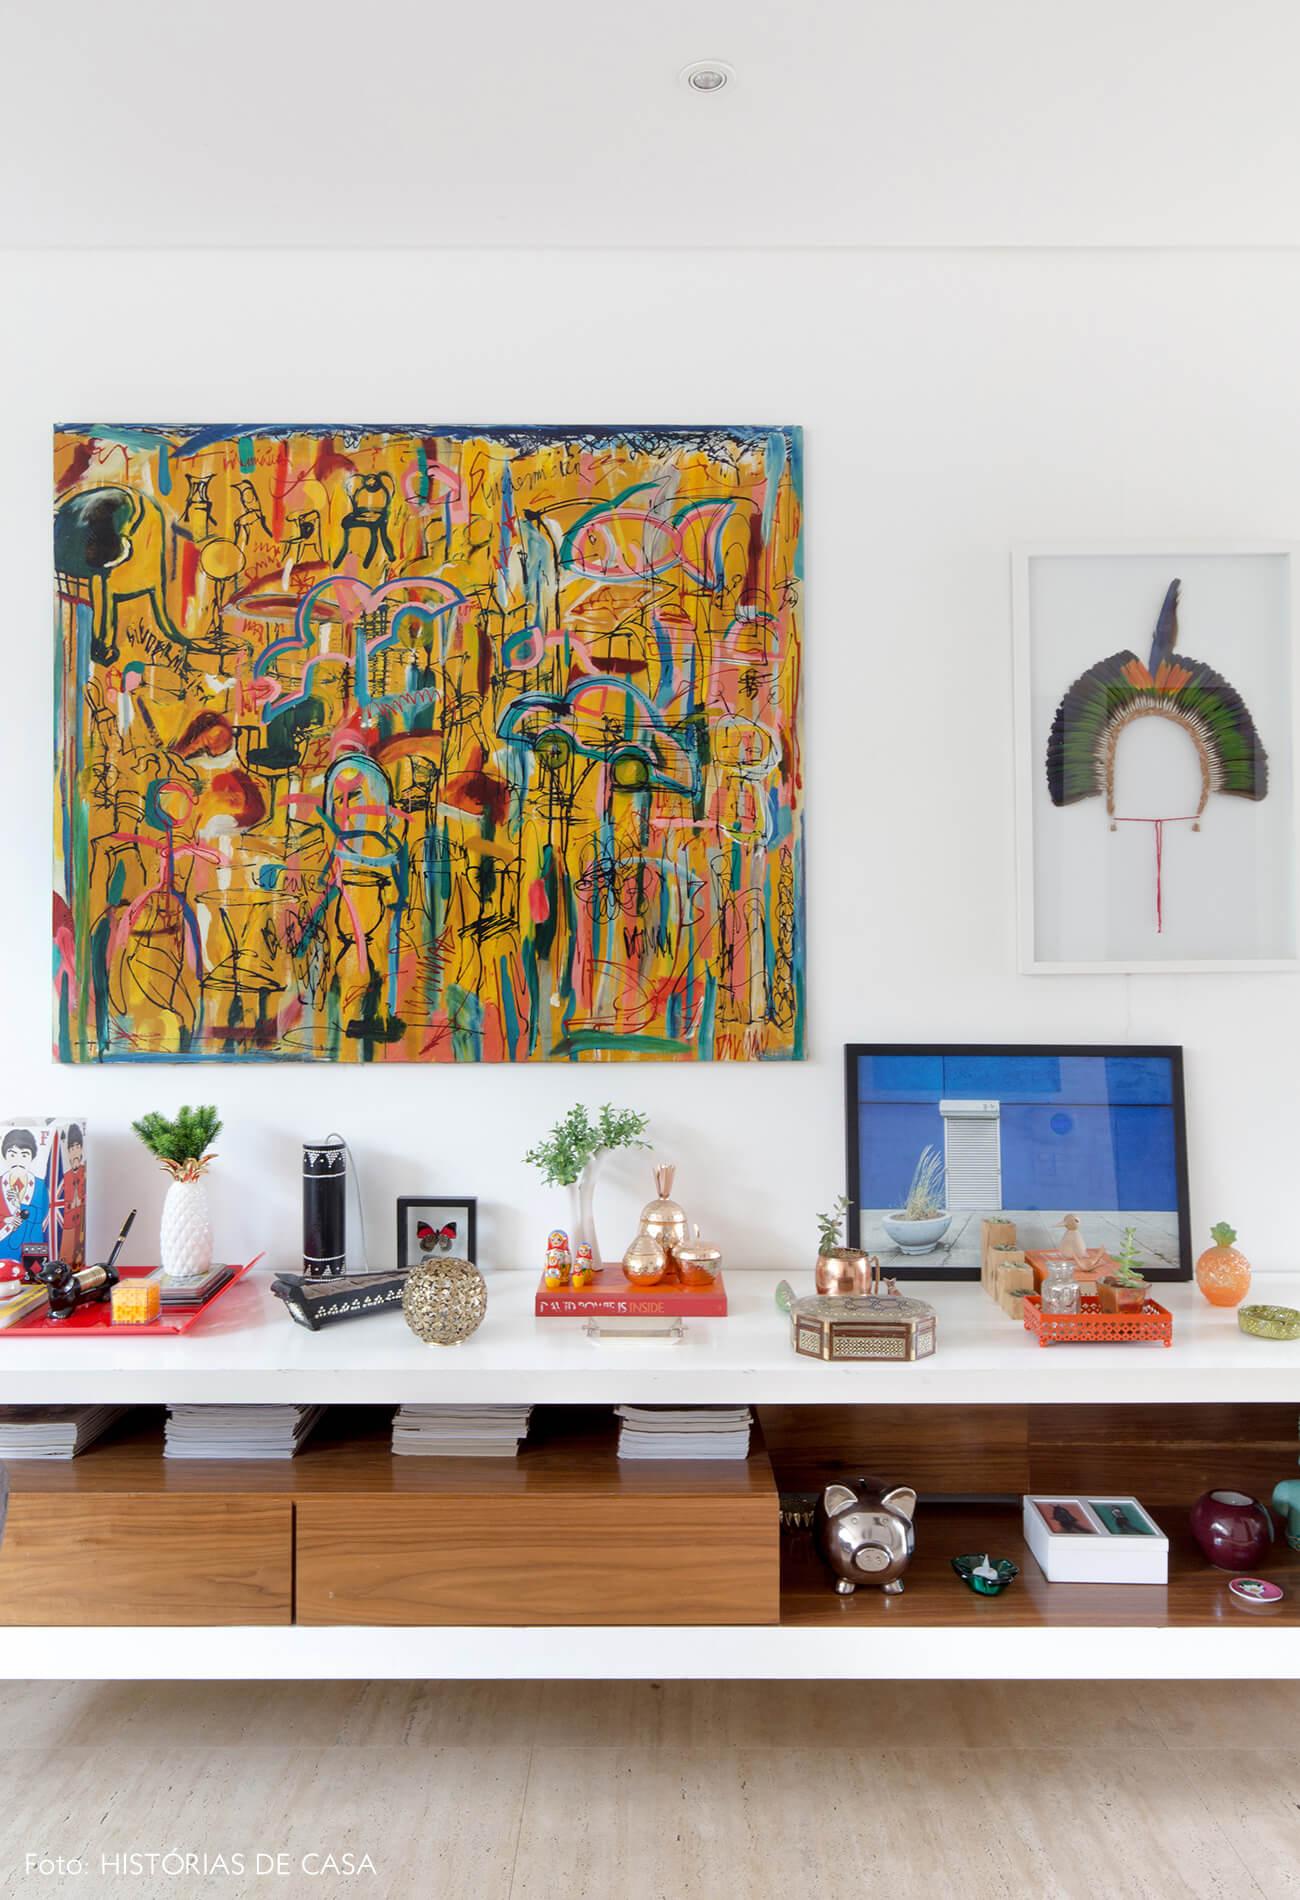 Casa com decoração colorida e sala integrada ao jardim